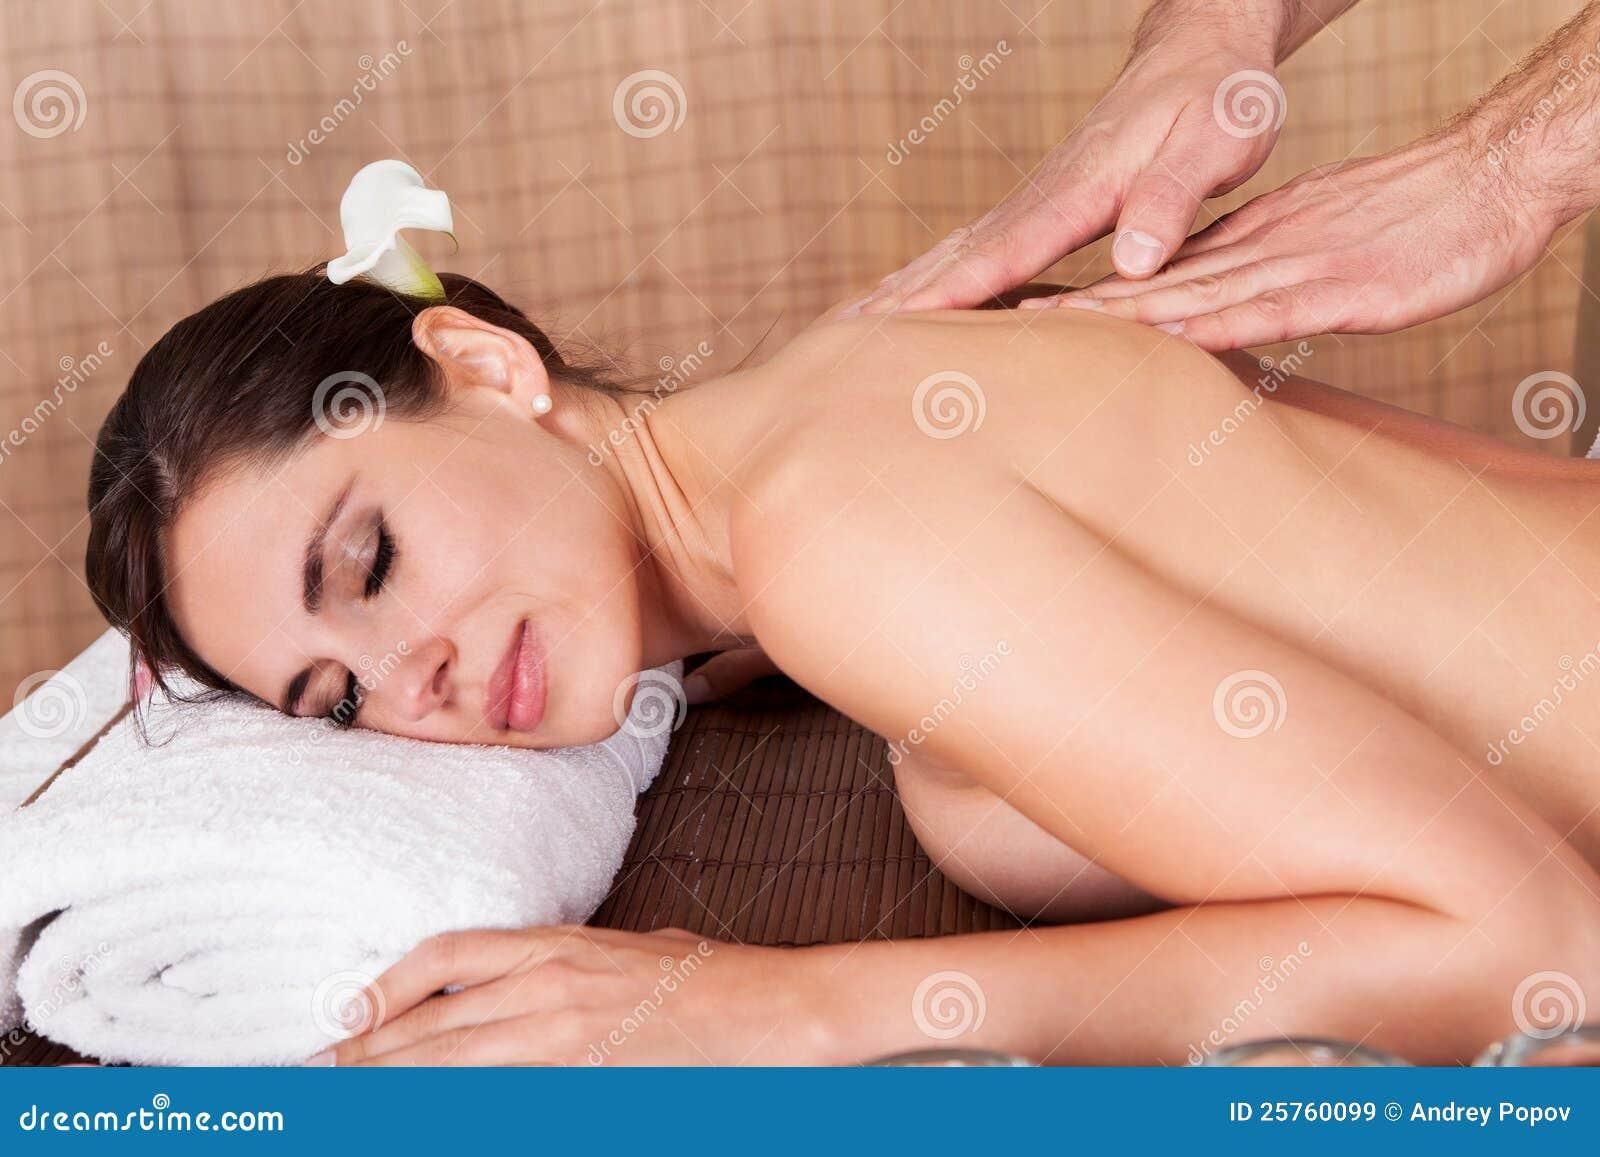 Японка оргазм на массаже, Оргазм на японском массаже - видео 28 фотография